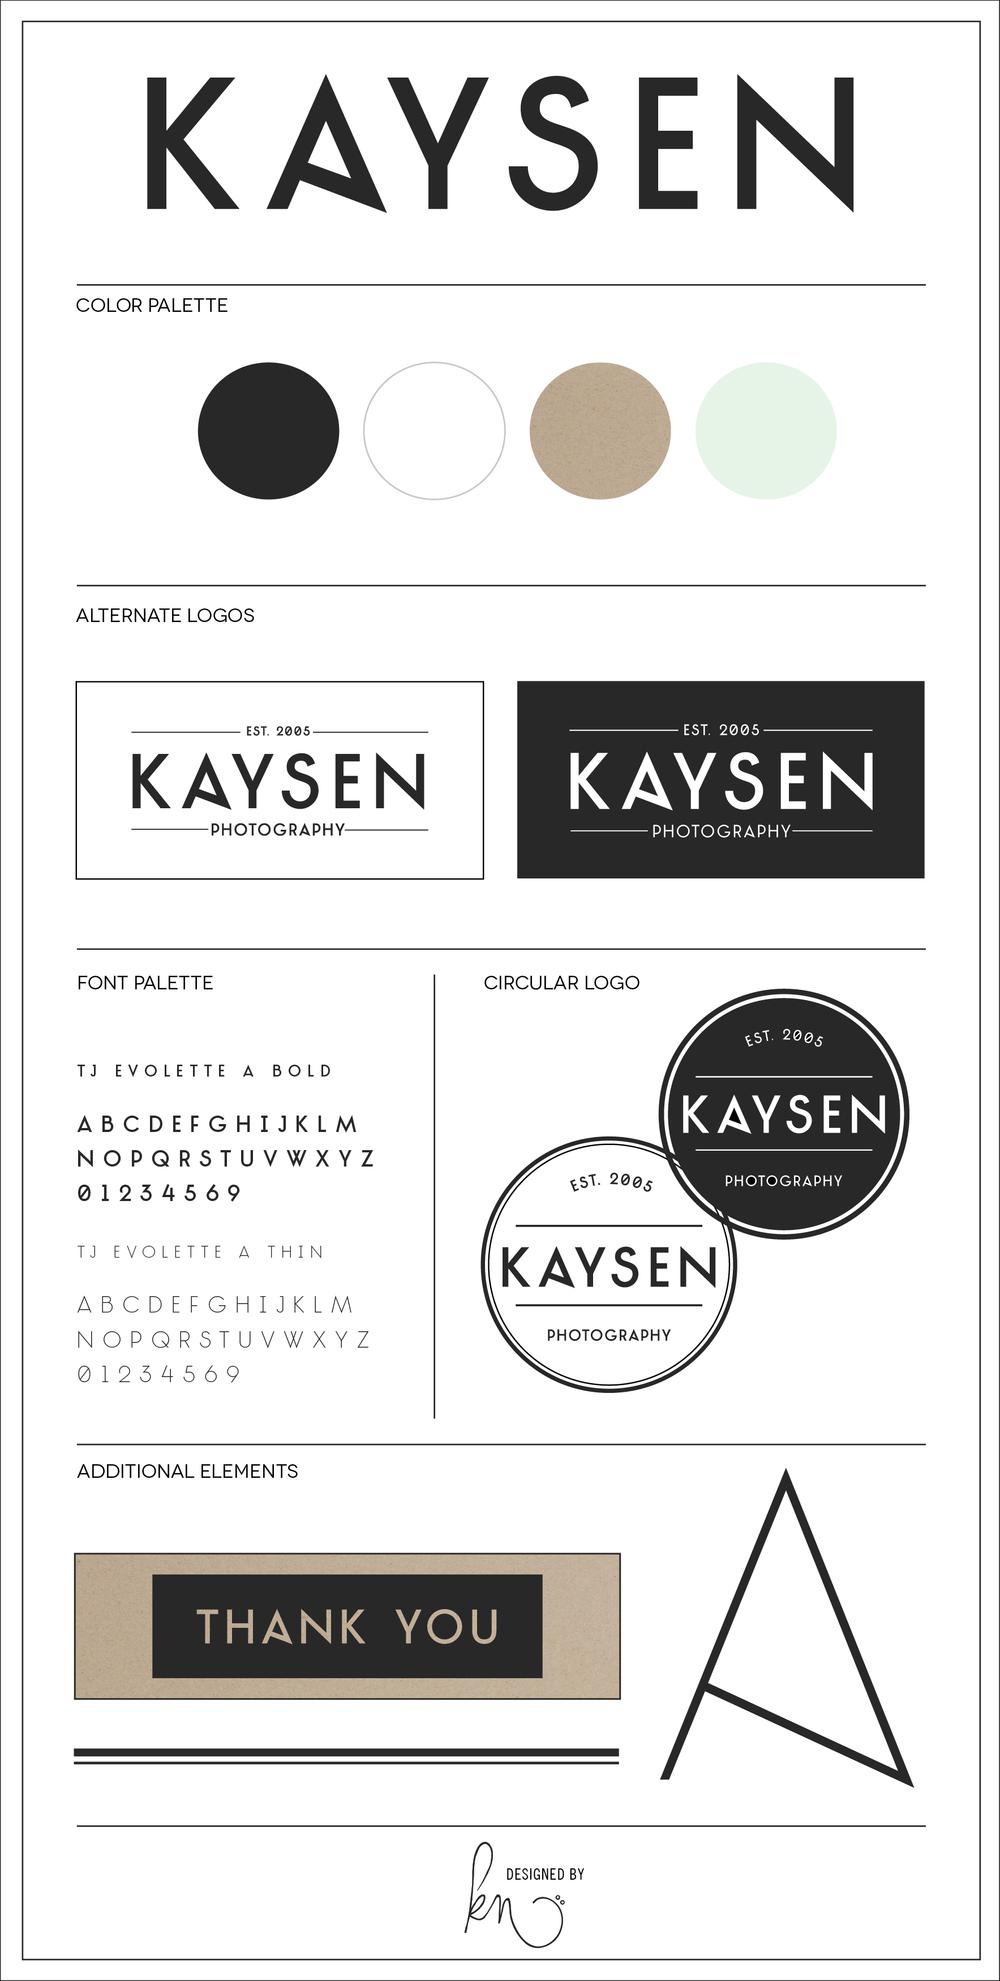 Kaysen-branding-sheet2.jpg